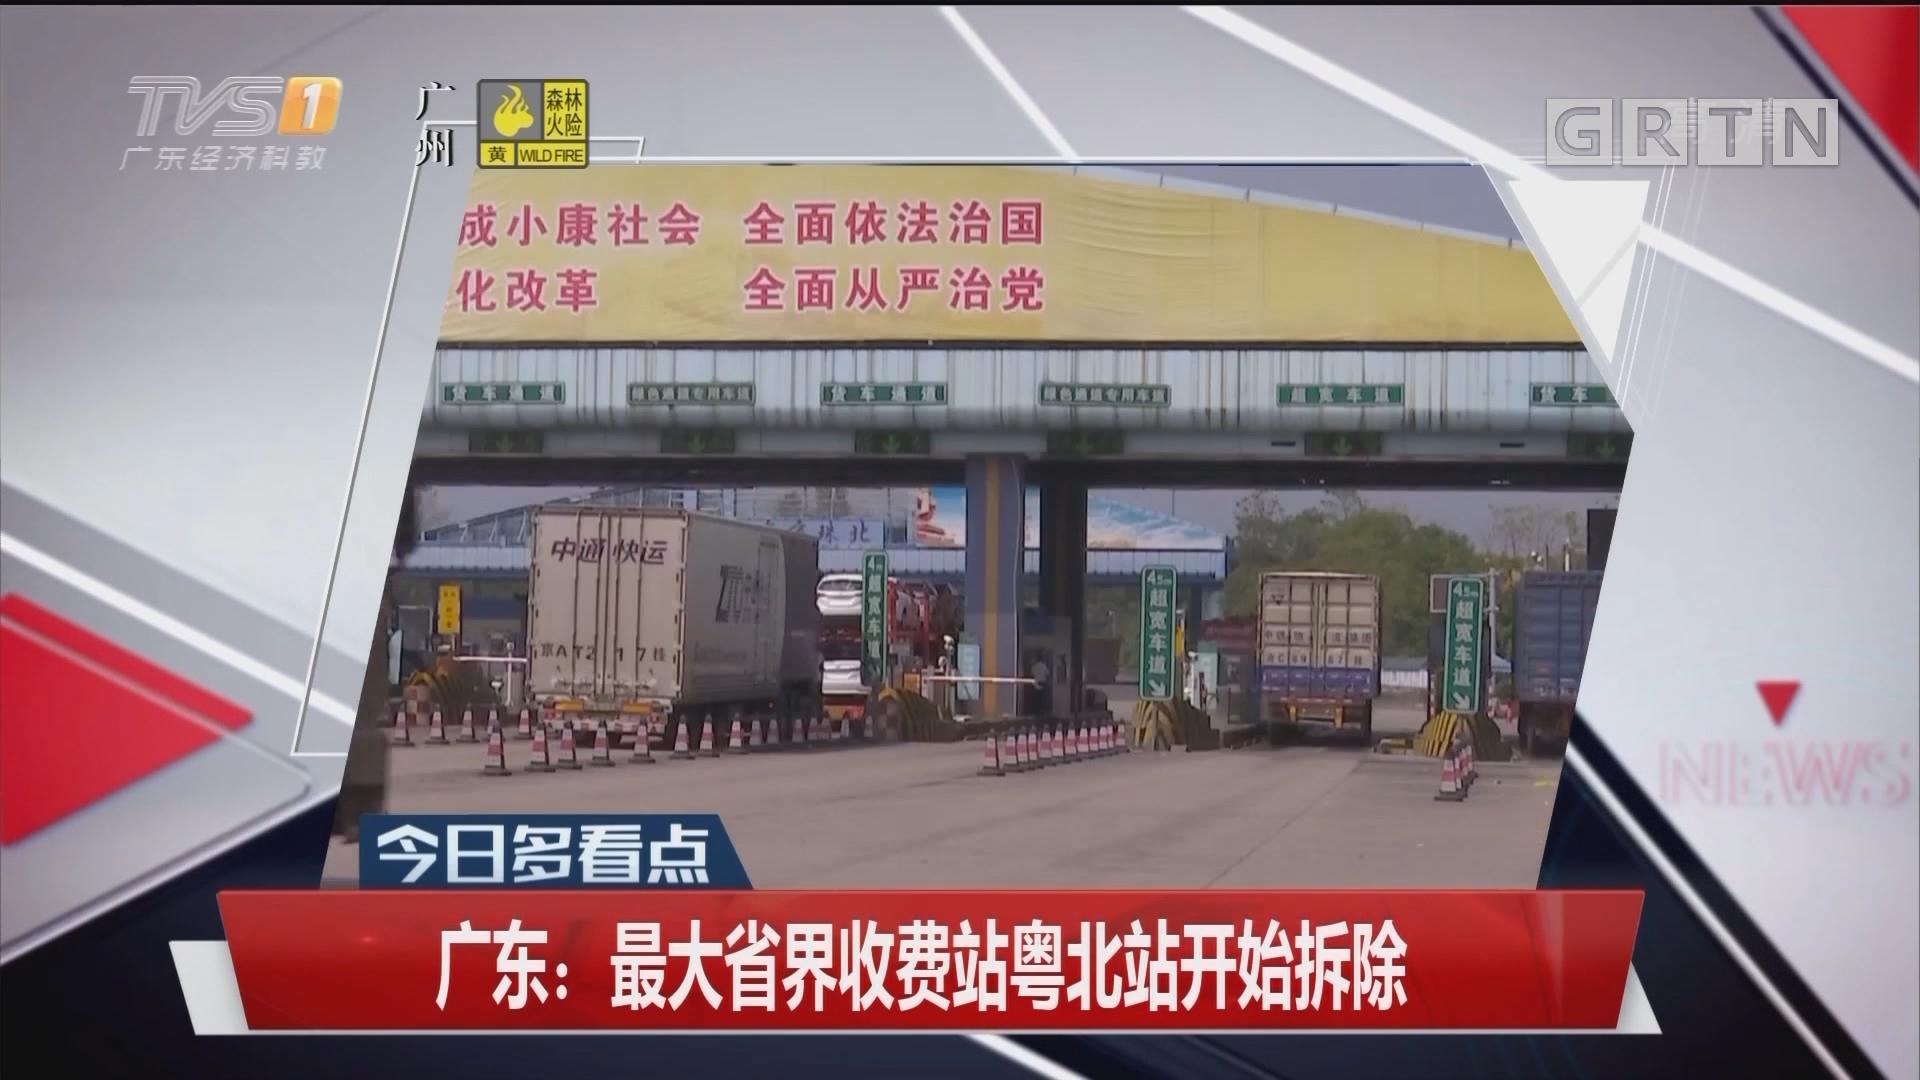 广东:最大省界收费站粤北站开始拆除